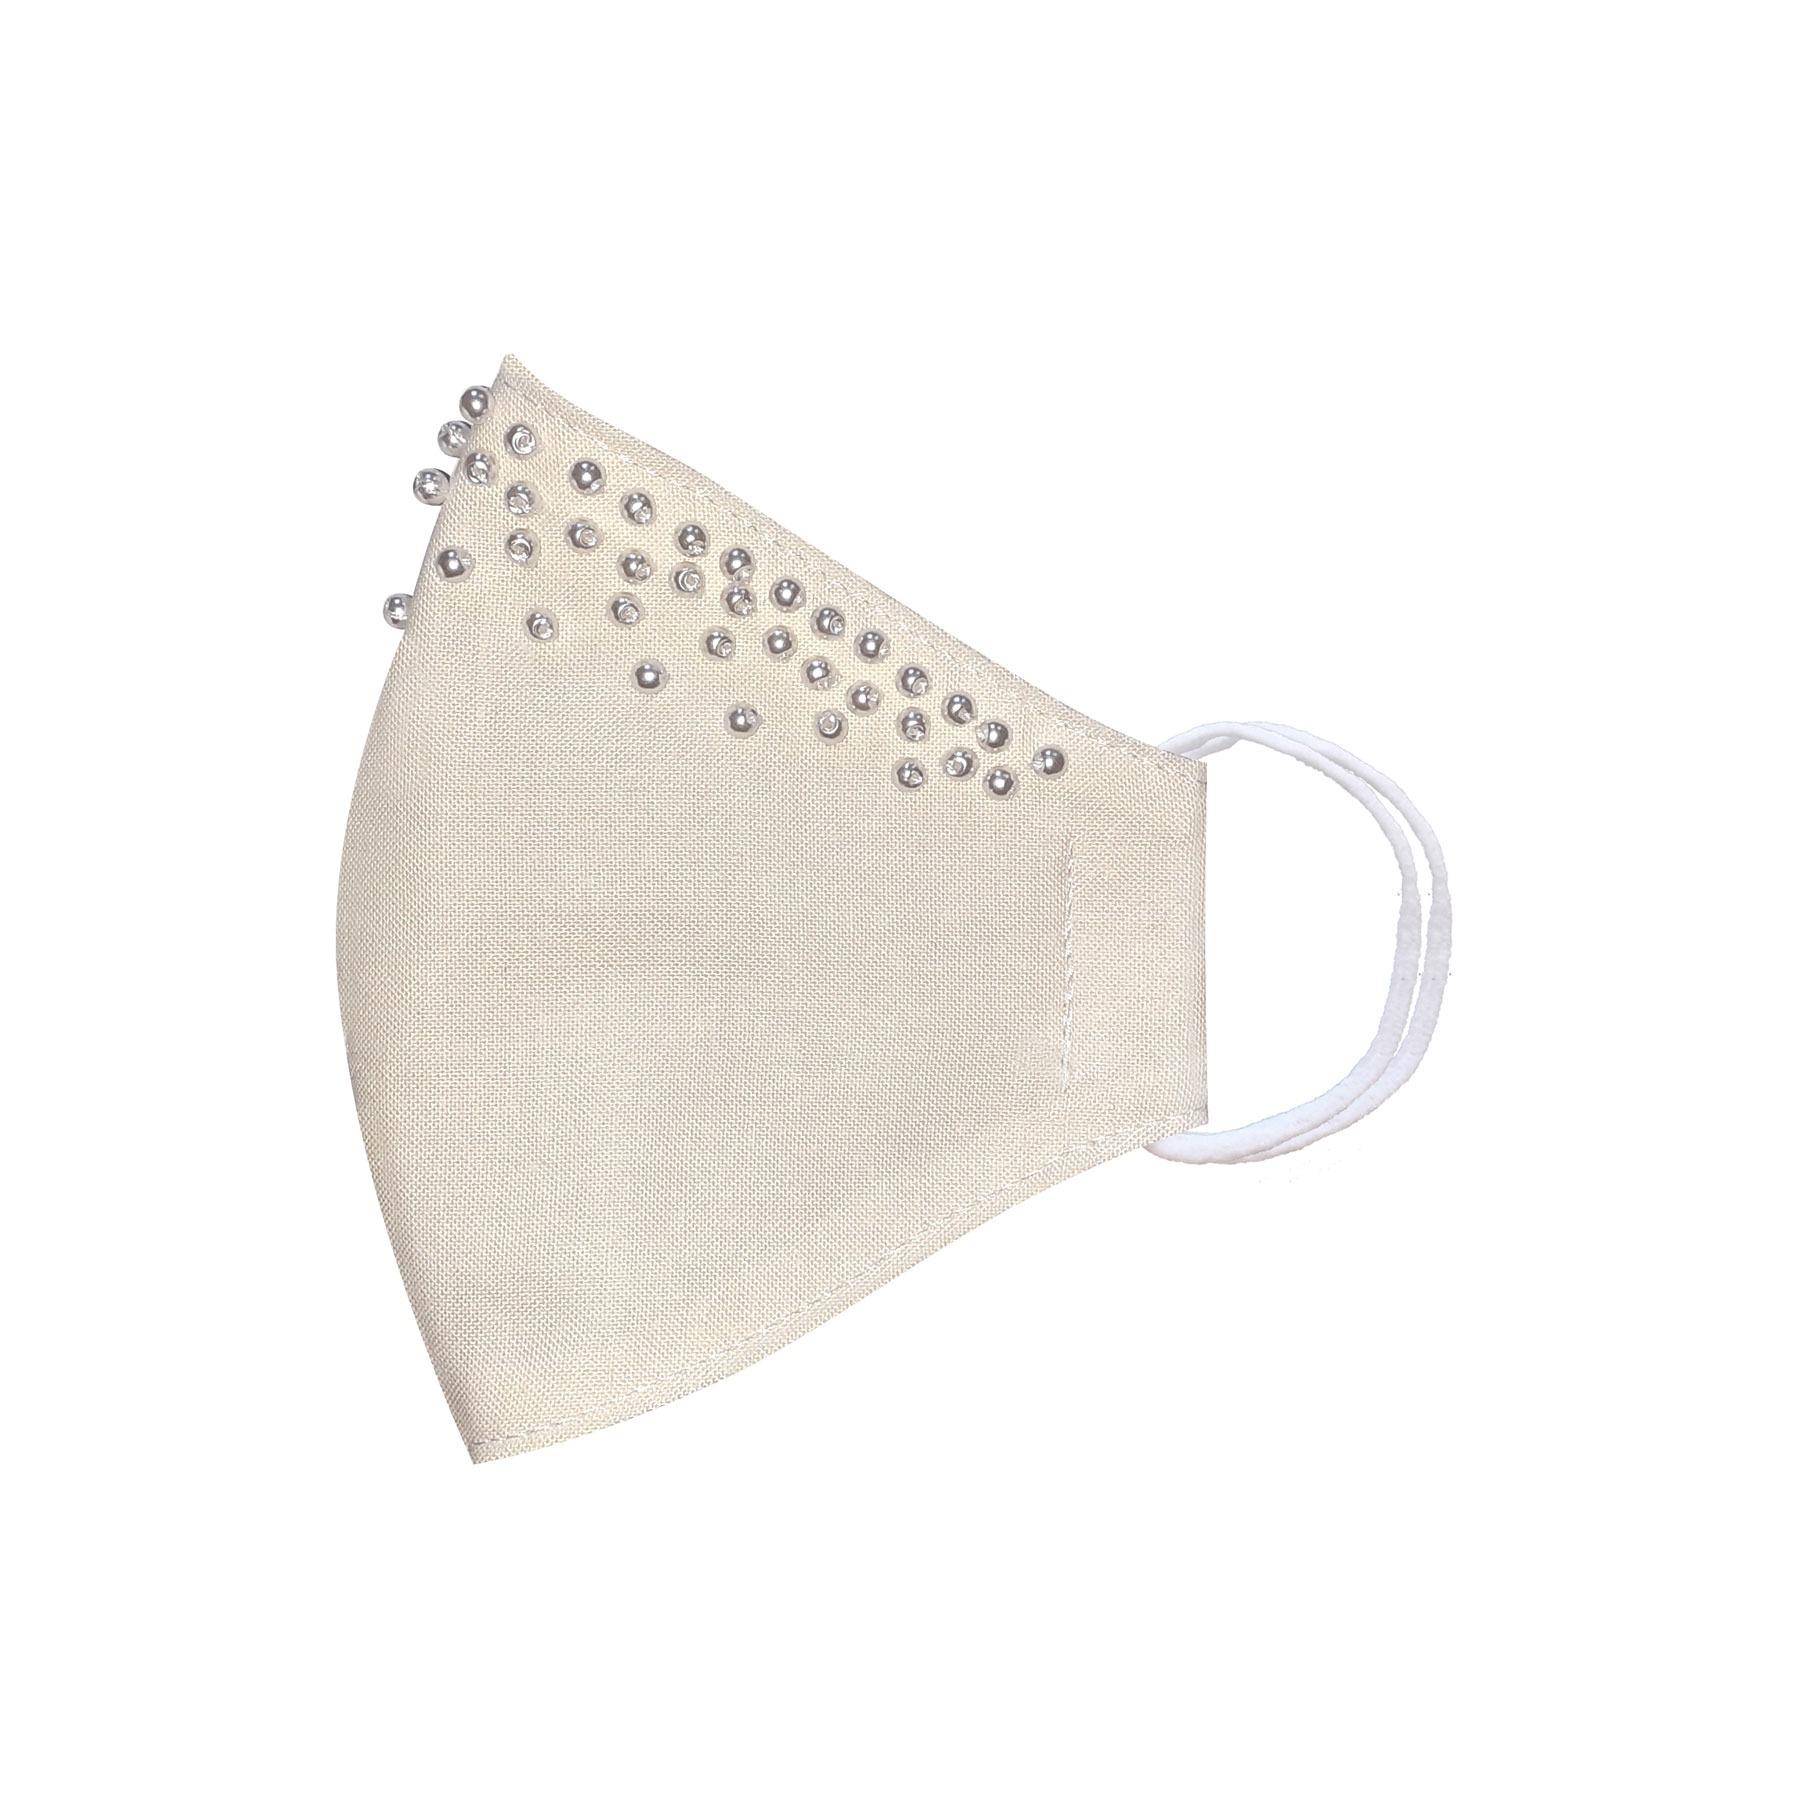 Módní bavlněné ústní roušky tvarované bílá s perličkami, bohatě zdobená třívrstvé s filtrem a s gumičkami dámské